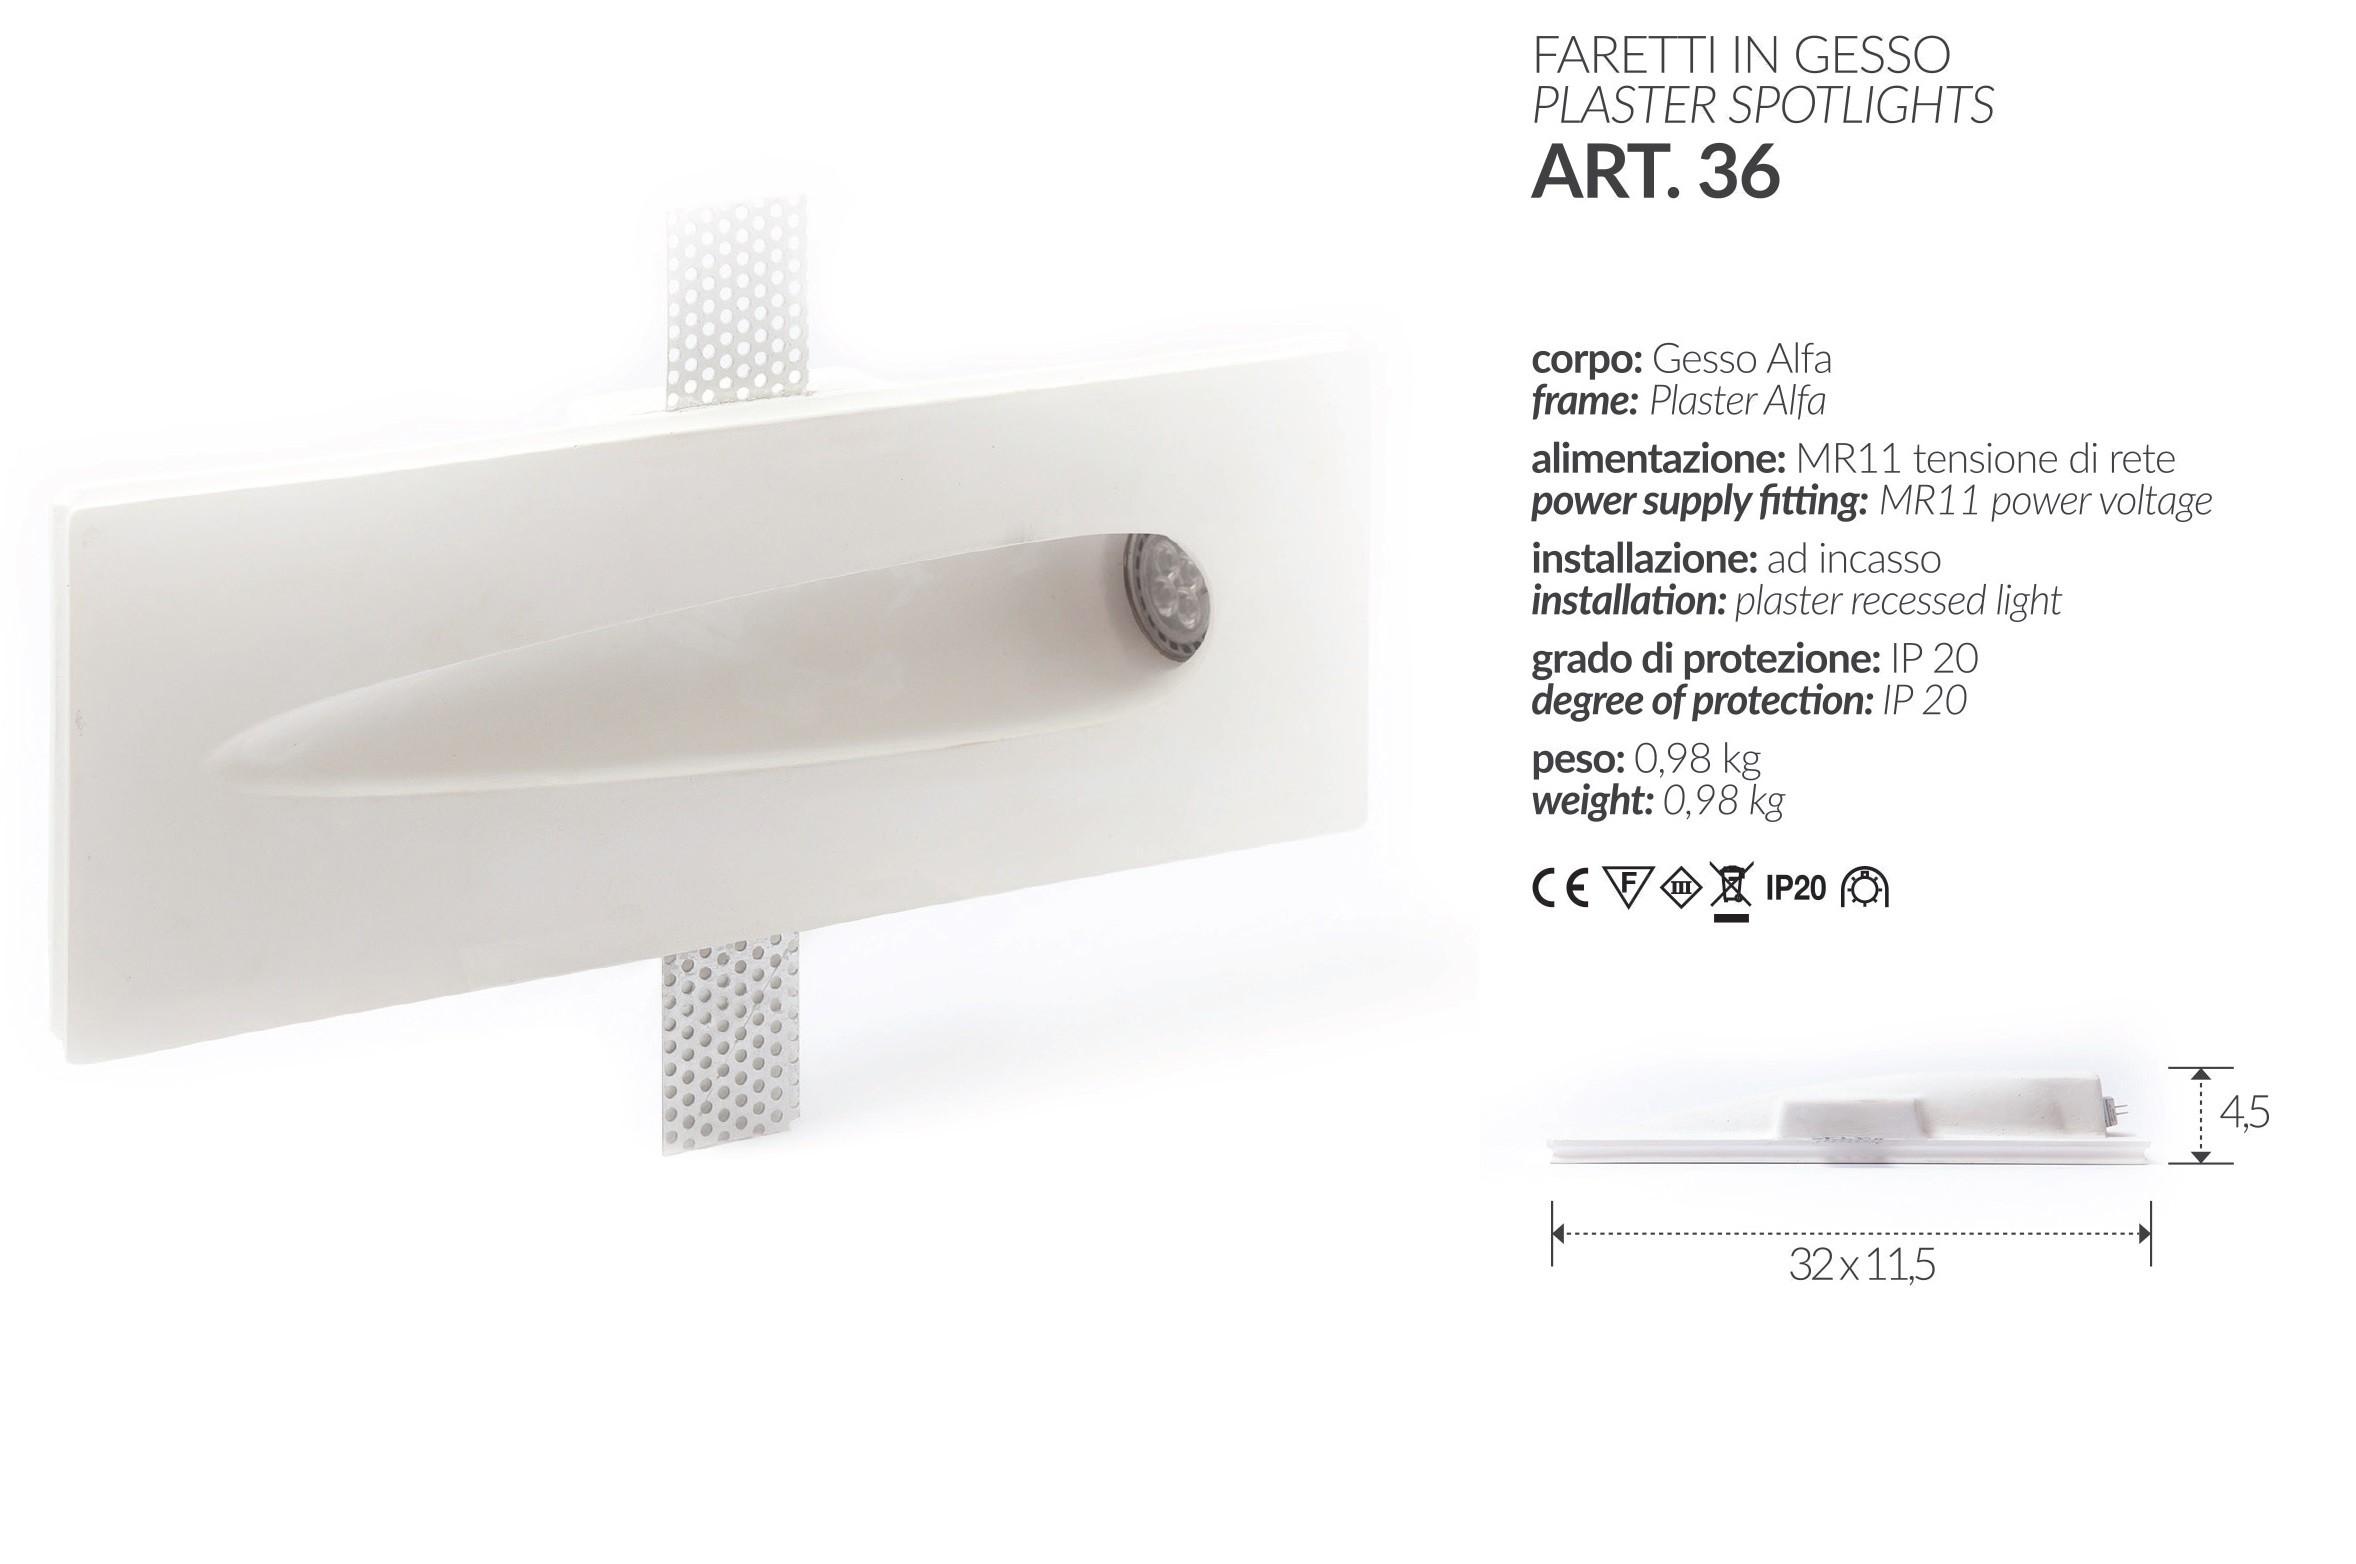 Faretti Incasso Di Gesso faretto in gesso quadrato basso art.1 mis. cm.12x12x2.5